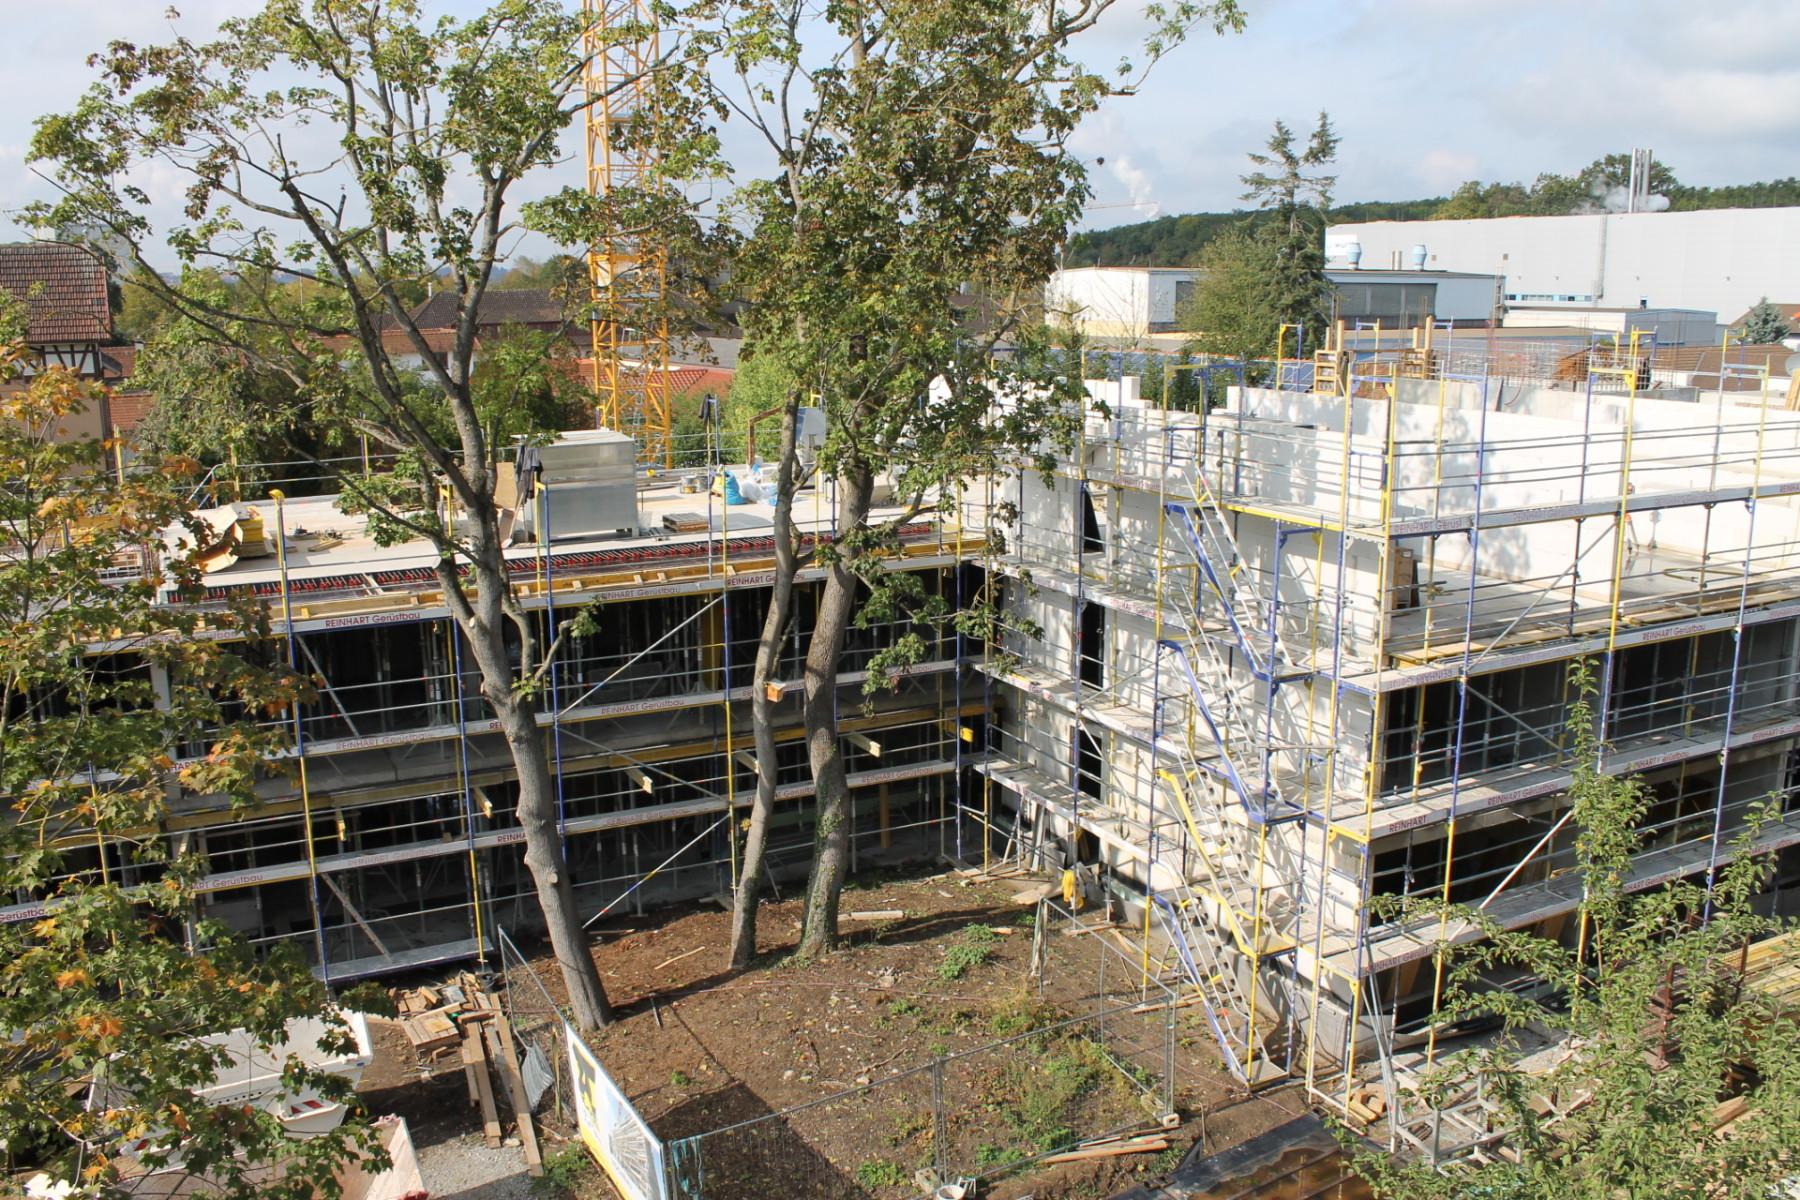 Bauprojekt Bad Friedrichshall: Mehr als die Hälfte des Rohbaus ist fertig